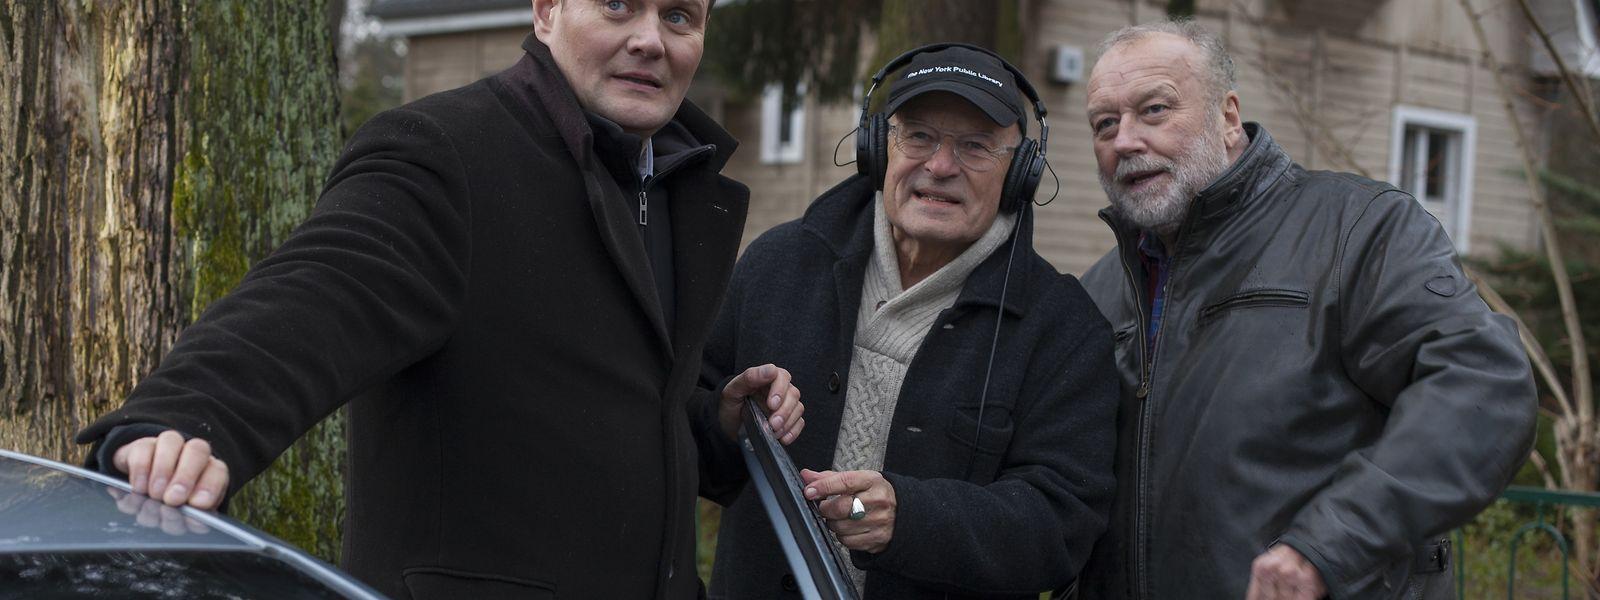 Bei den Dreharbeiten: Regisseur Volker Schlöndorff (M.) und Darsteller Jakob Franck (r.) und Devid Striesow (l.).